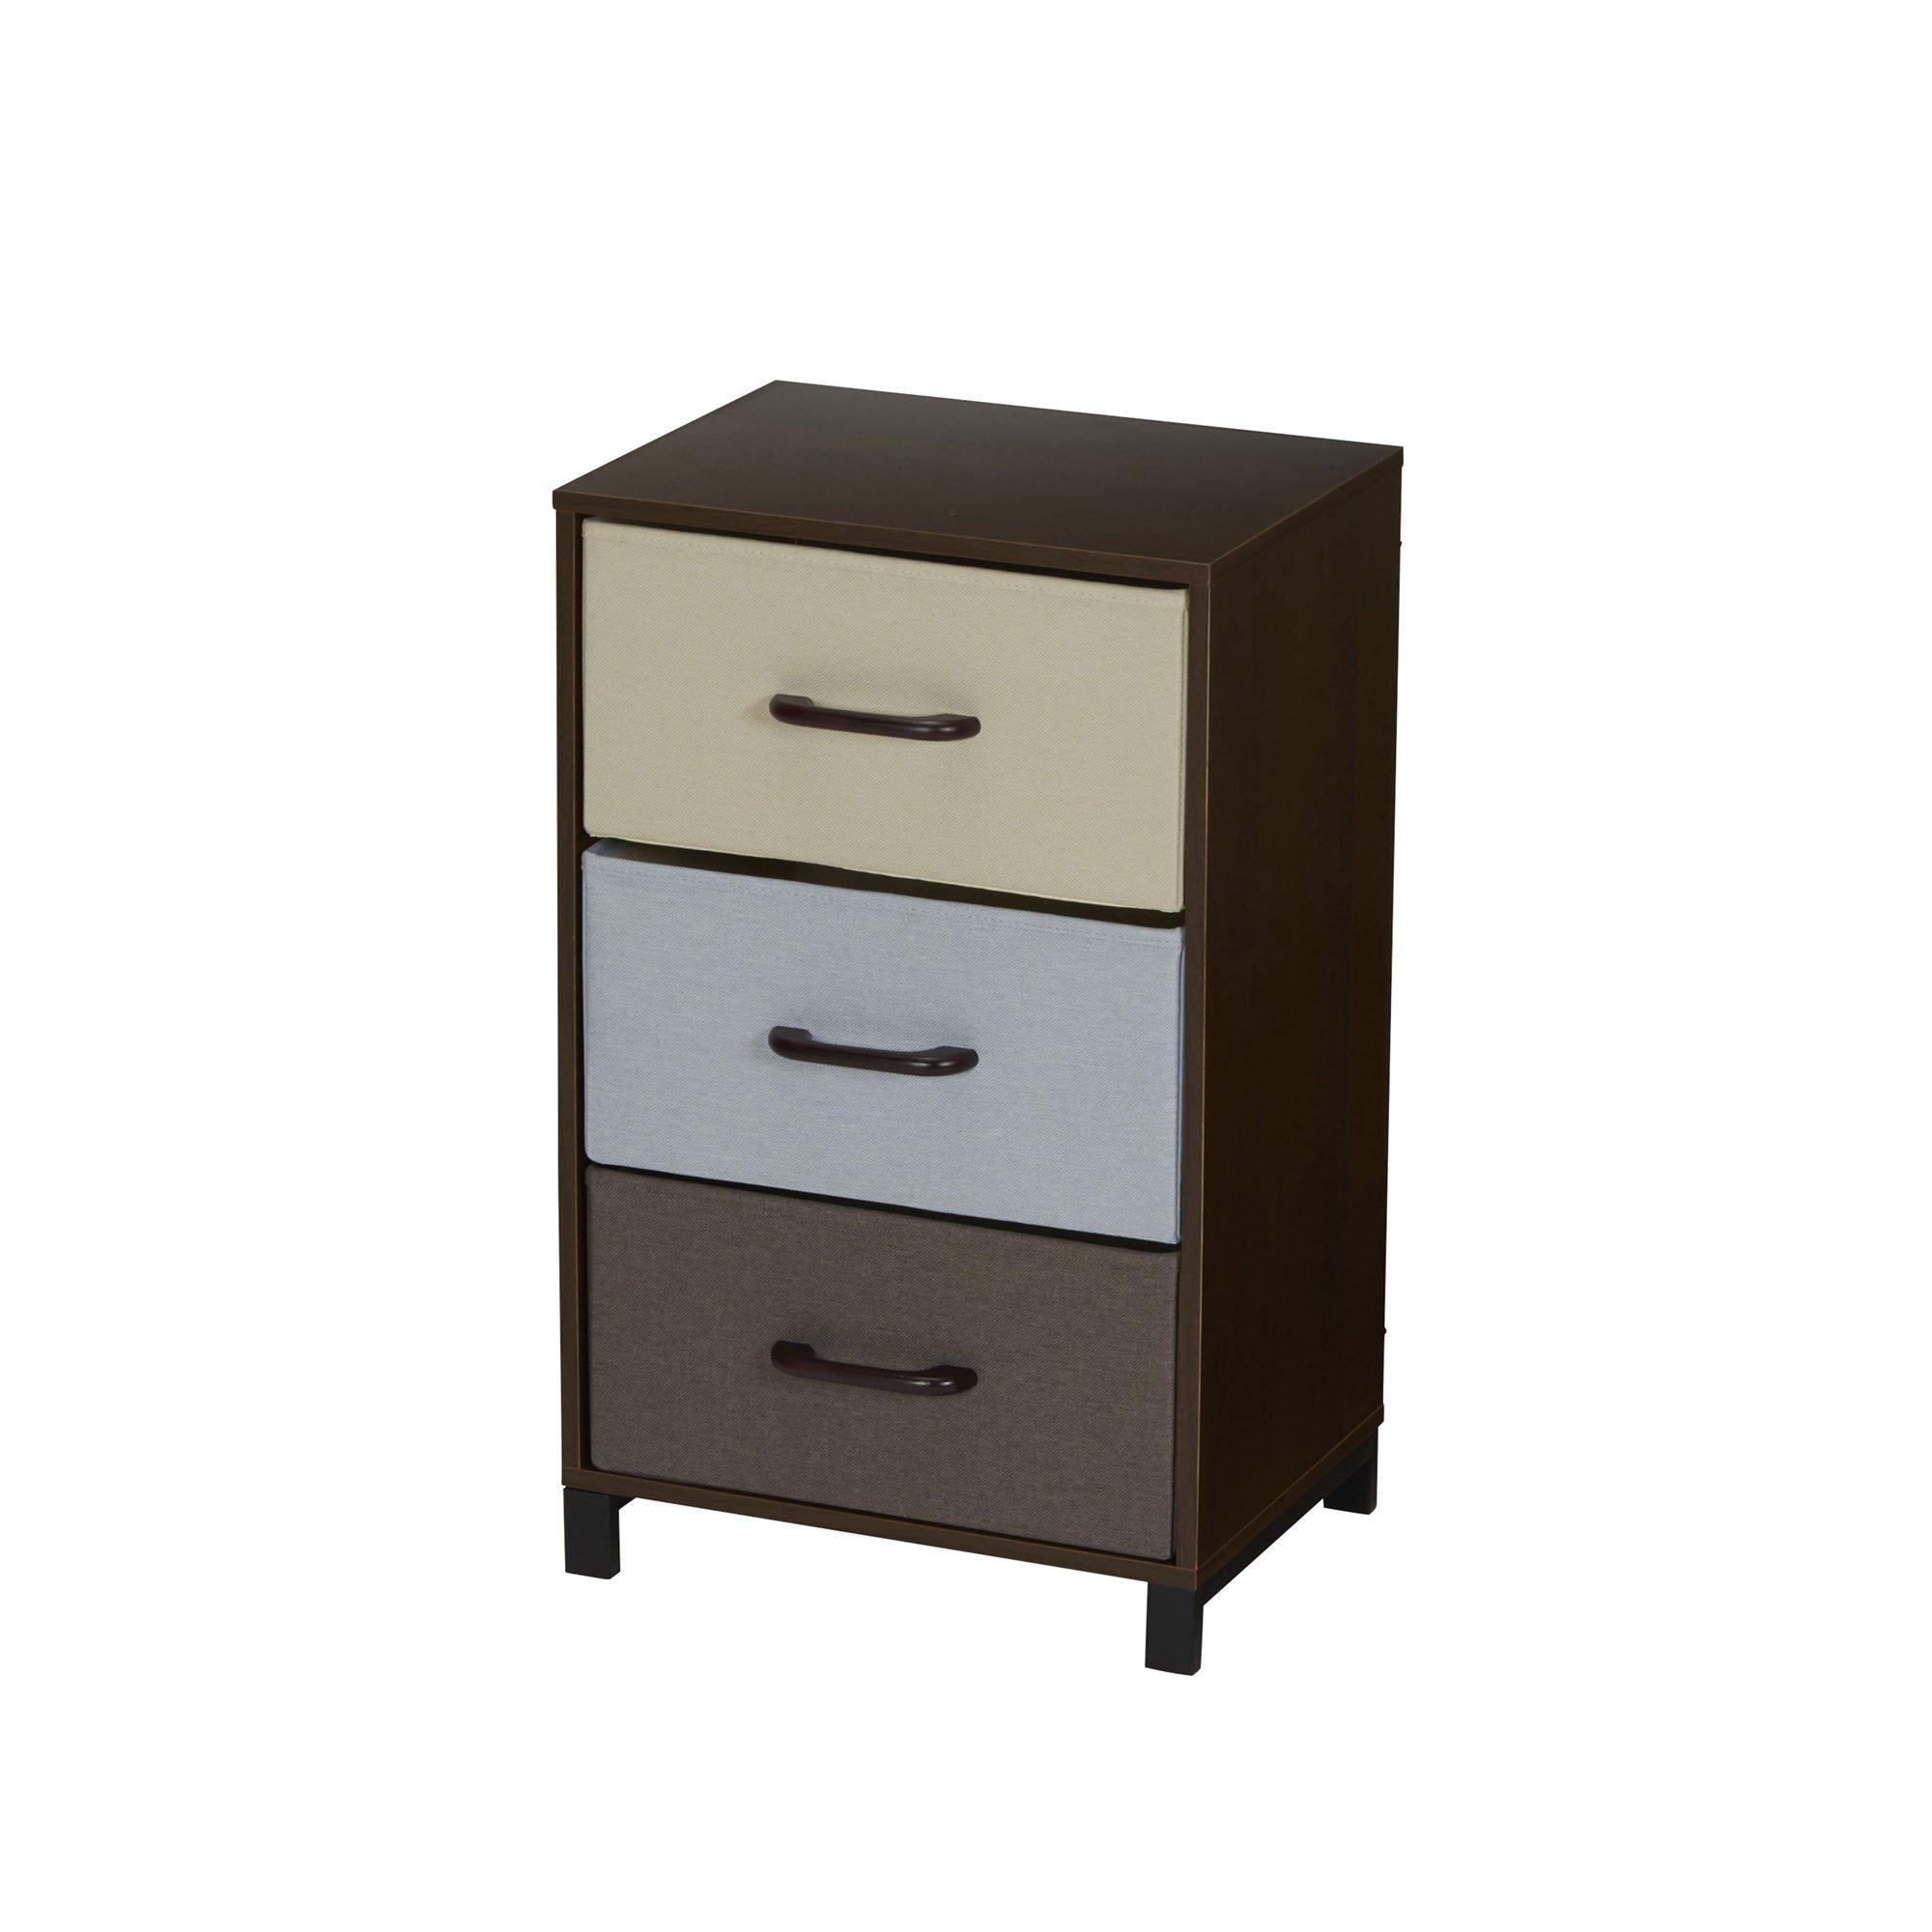 Household Essentials 8013-1 3 Drawer Modular Storage Chest Stand – Dark Brown